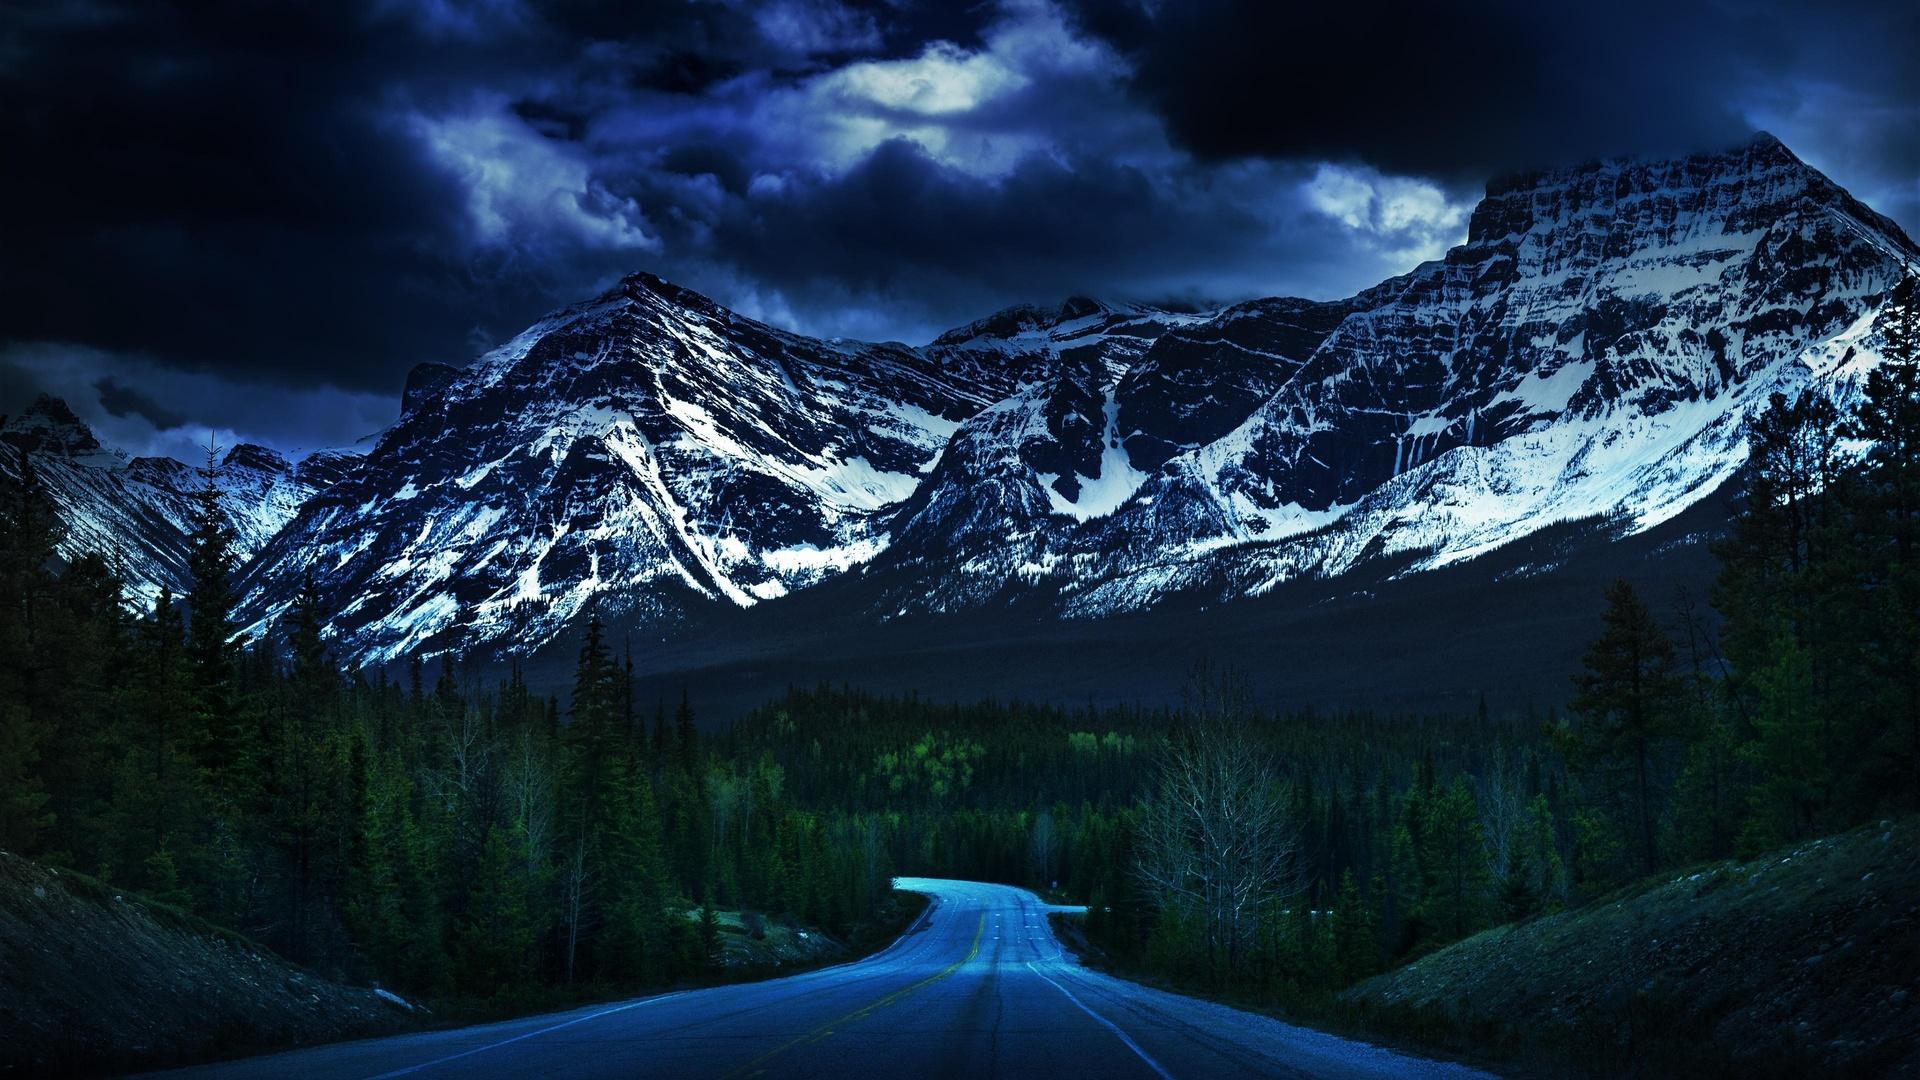 горы, лес, природа, дорога, тучи, снег